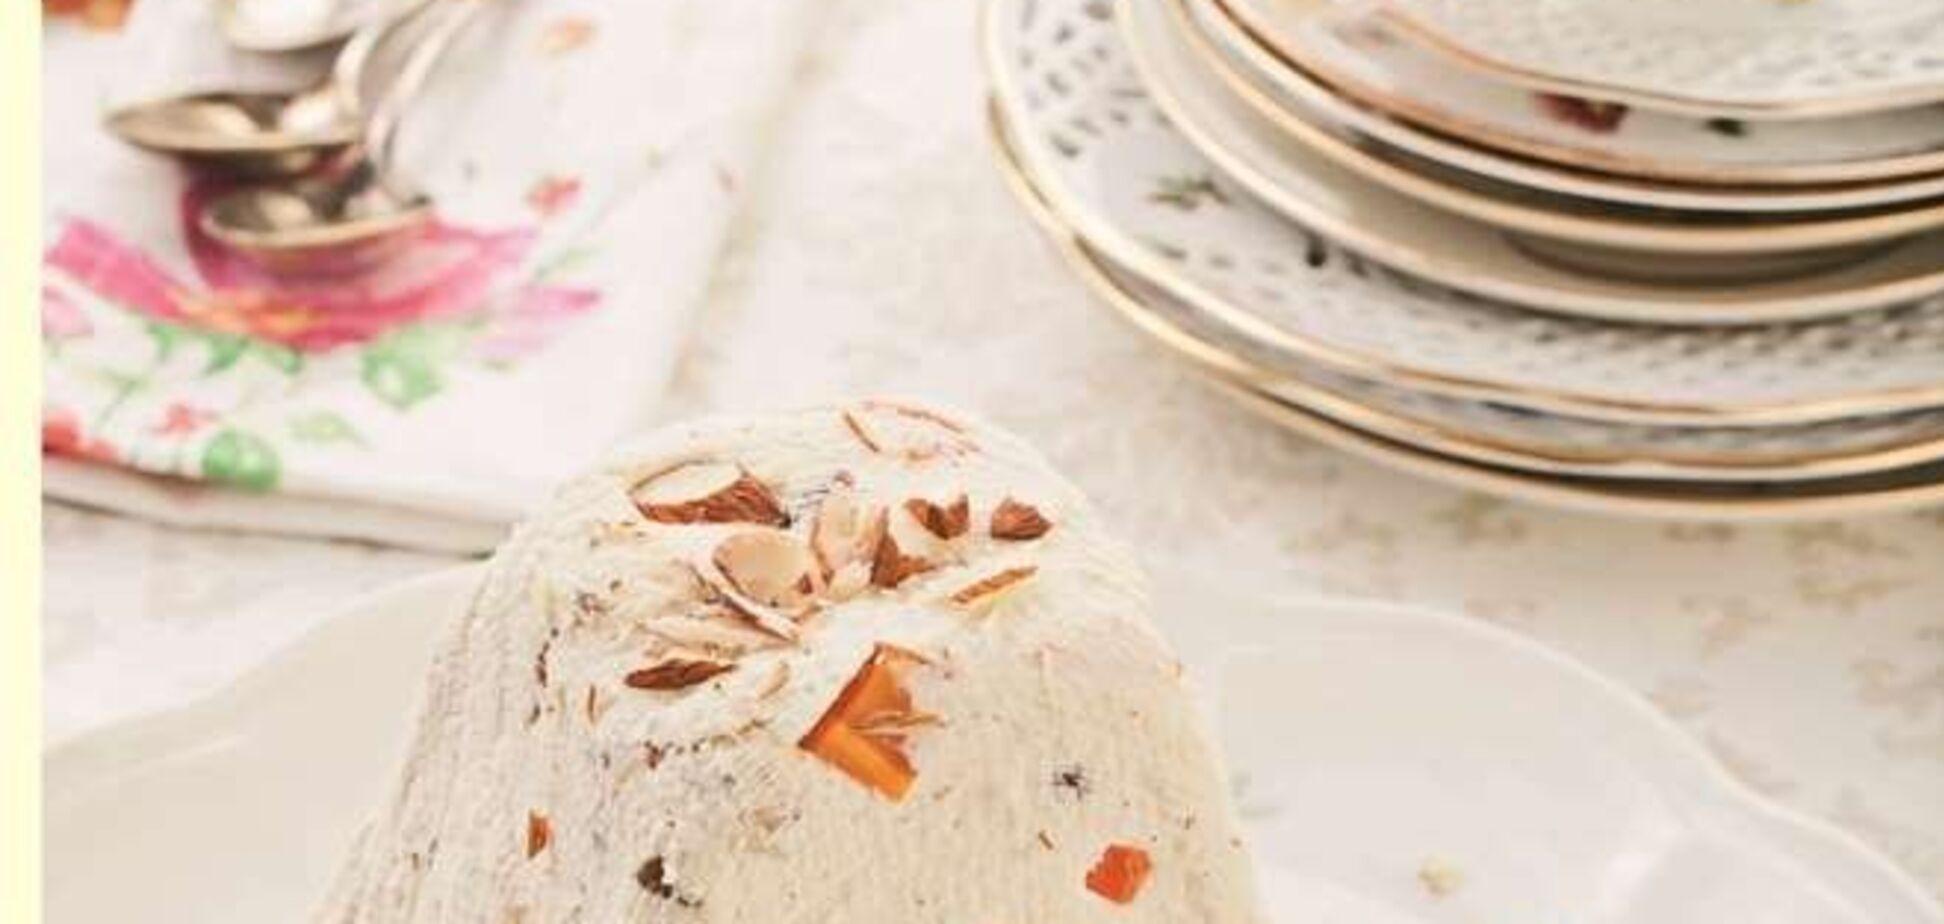 Идеальная ванильная паска с цукатами и миндалем от Высоцкой за полчаса